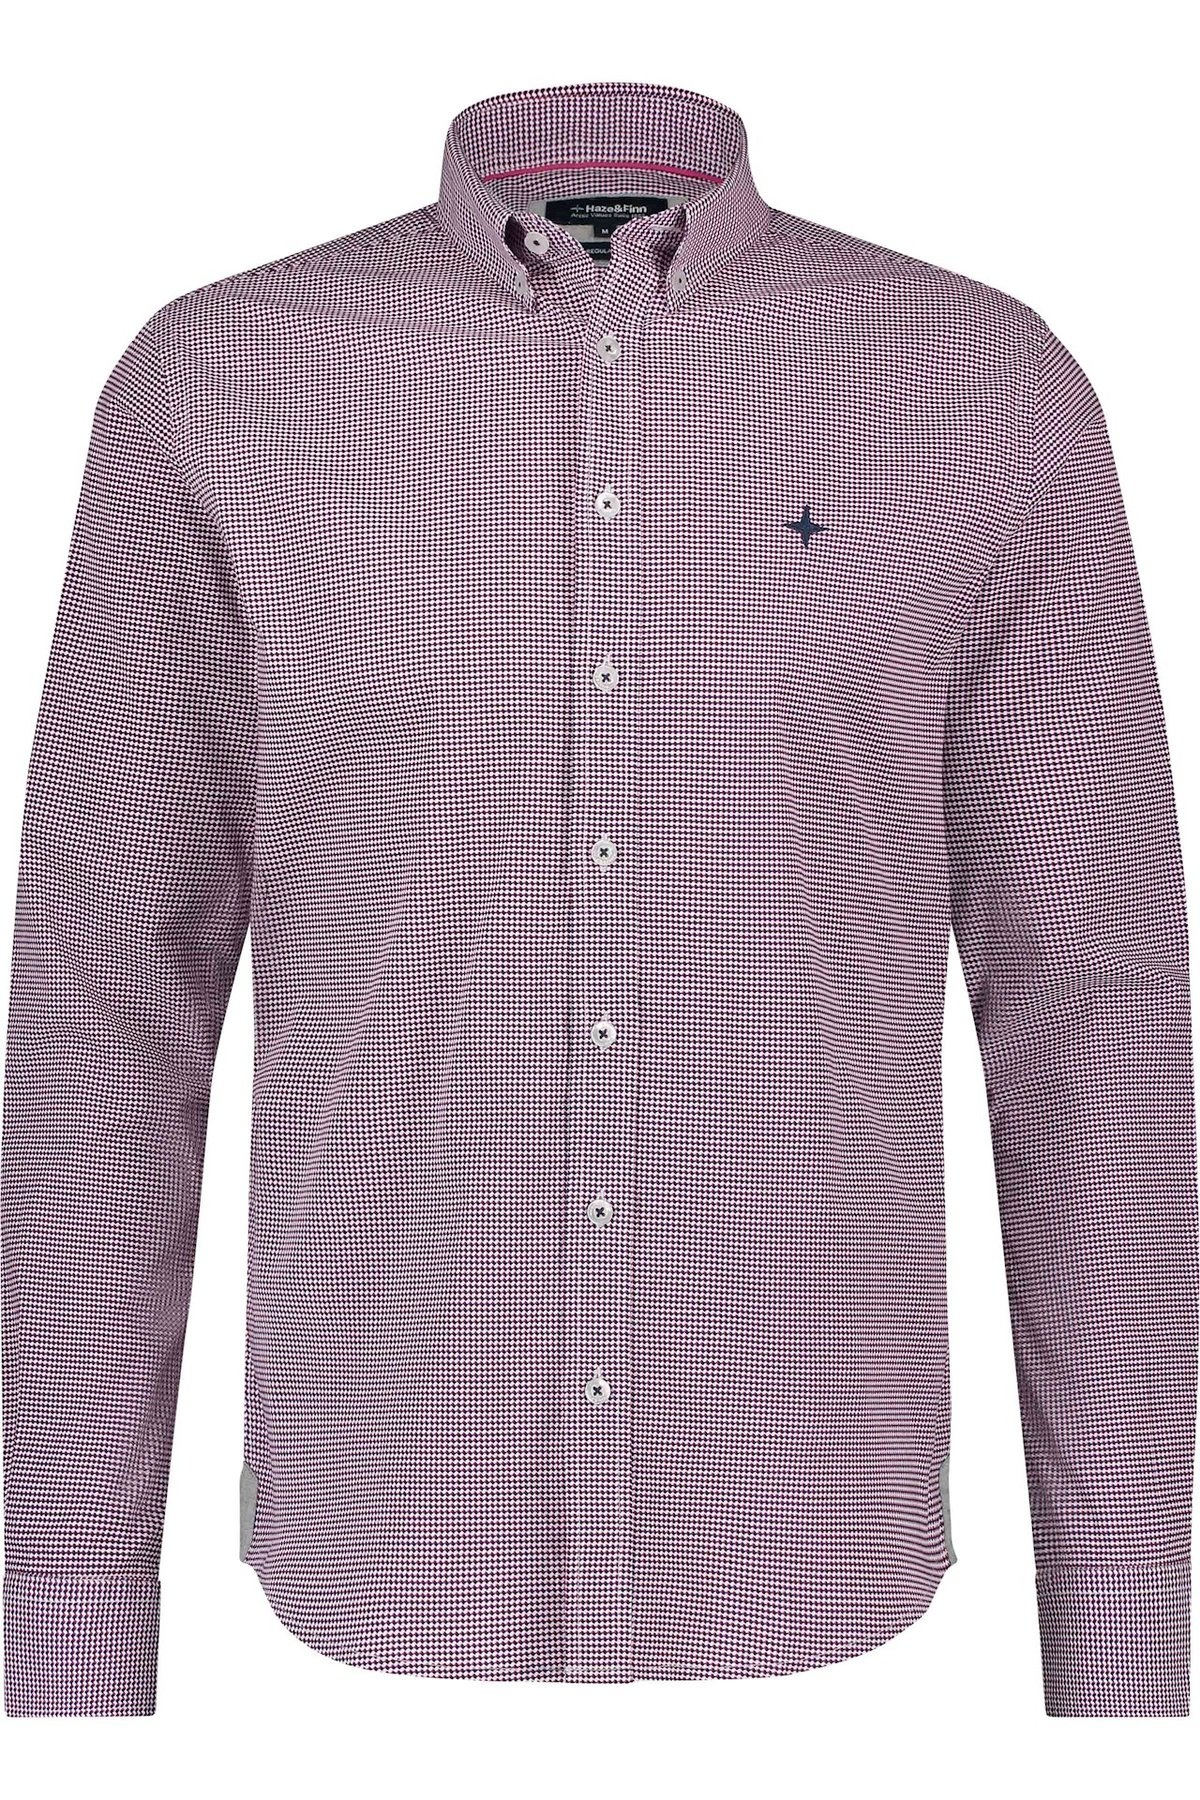 HAZE & FINN chemise stretch à imprimé illusion rouge regular fit-1